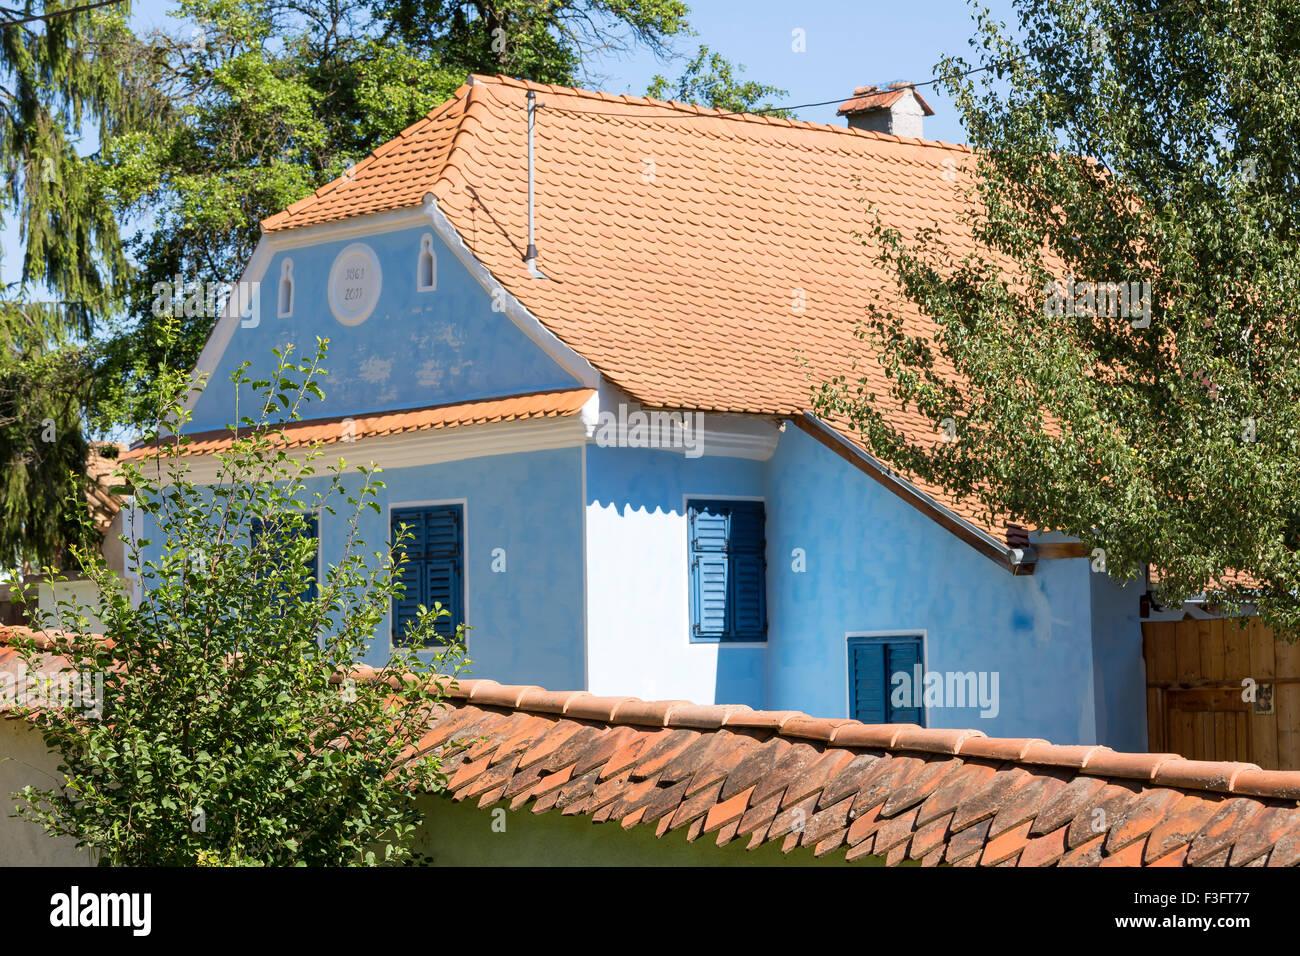 Traditional saxon village house in viscri transylvania romania stock photo royalty free image - Saxon style houses in transylvania ...